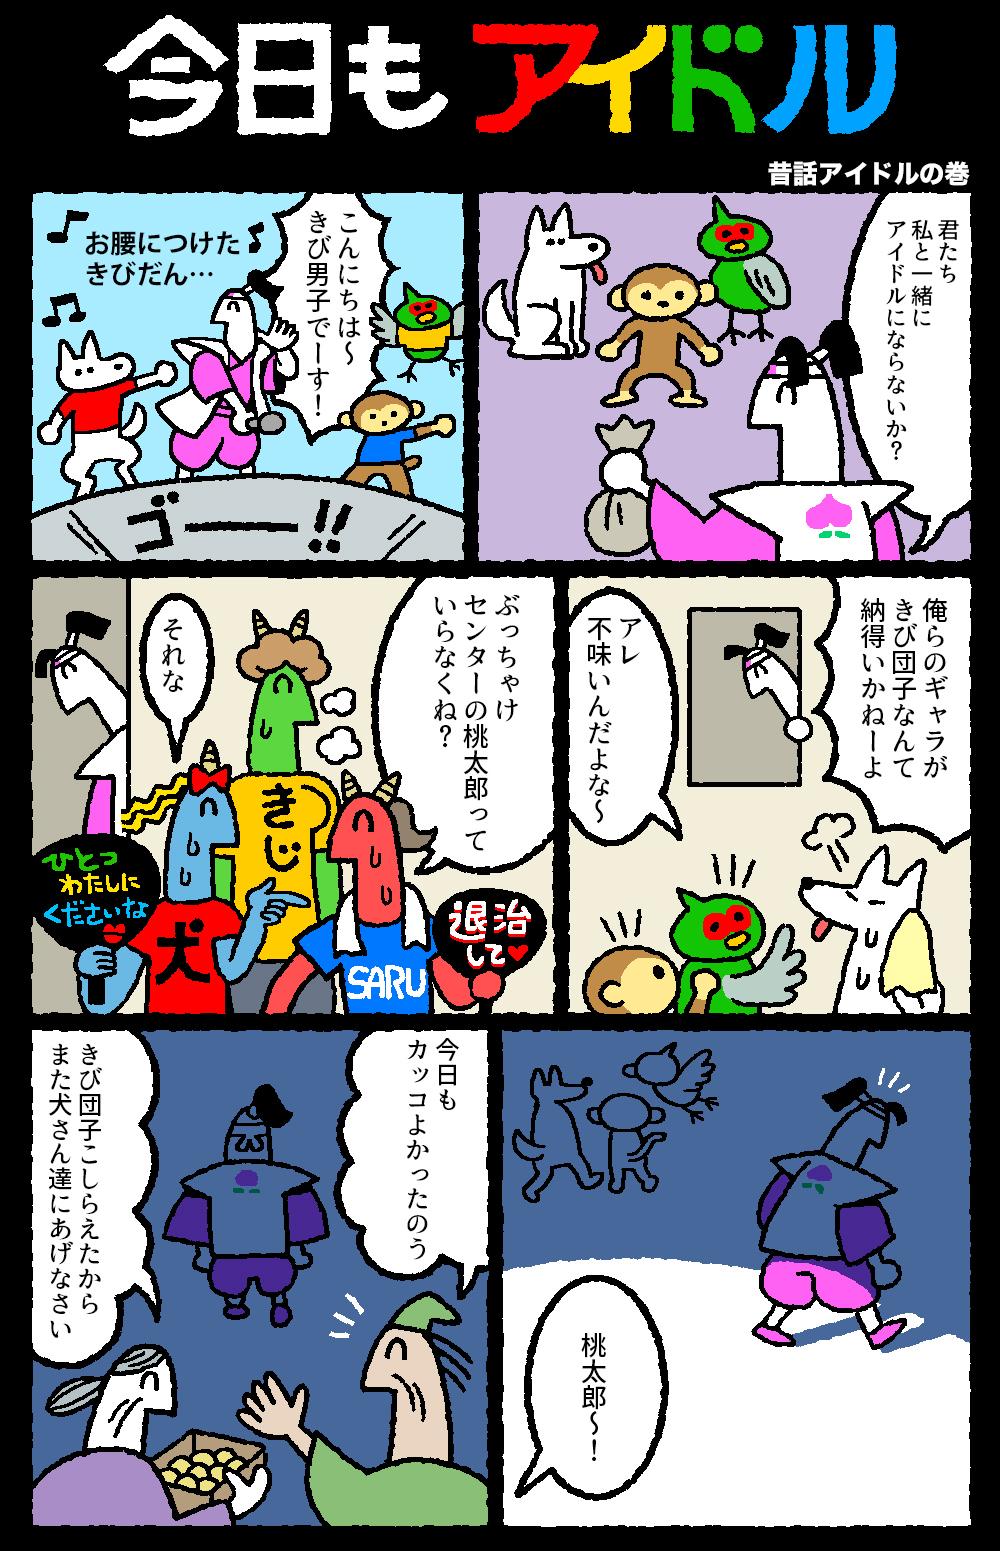 shirimoto-019